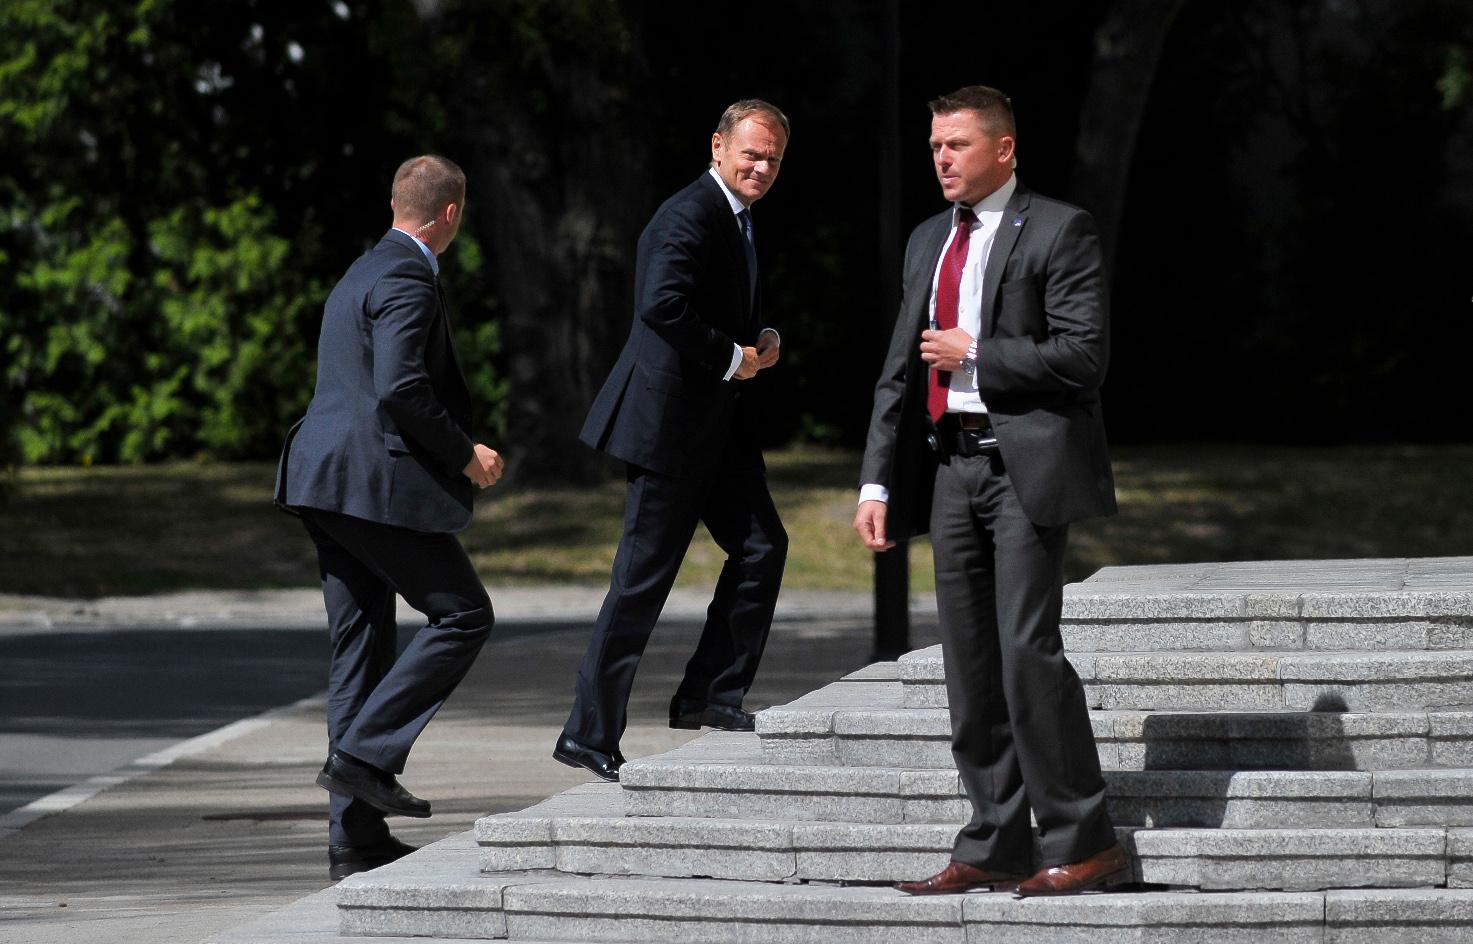 Poljski premijer Donald Tusk dolazi na sastanak s koalicijskim partnerima o političkoj situaciji nakon objave snimki iz skandala s prisluškivanjem.